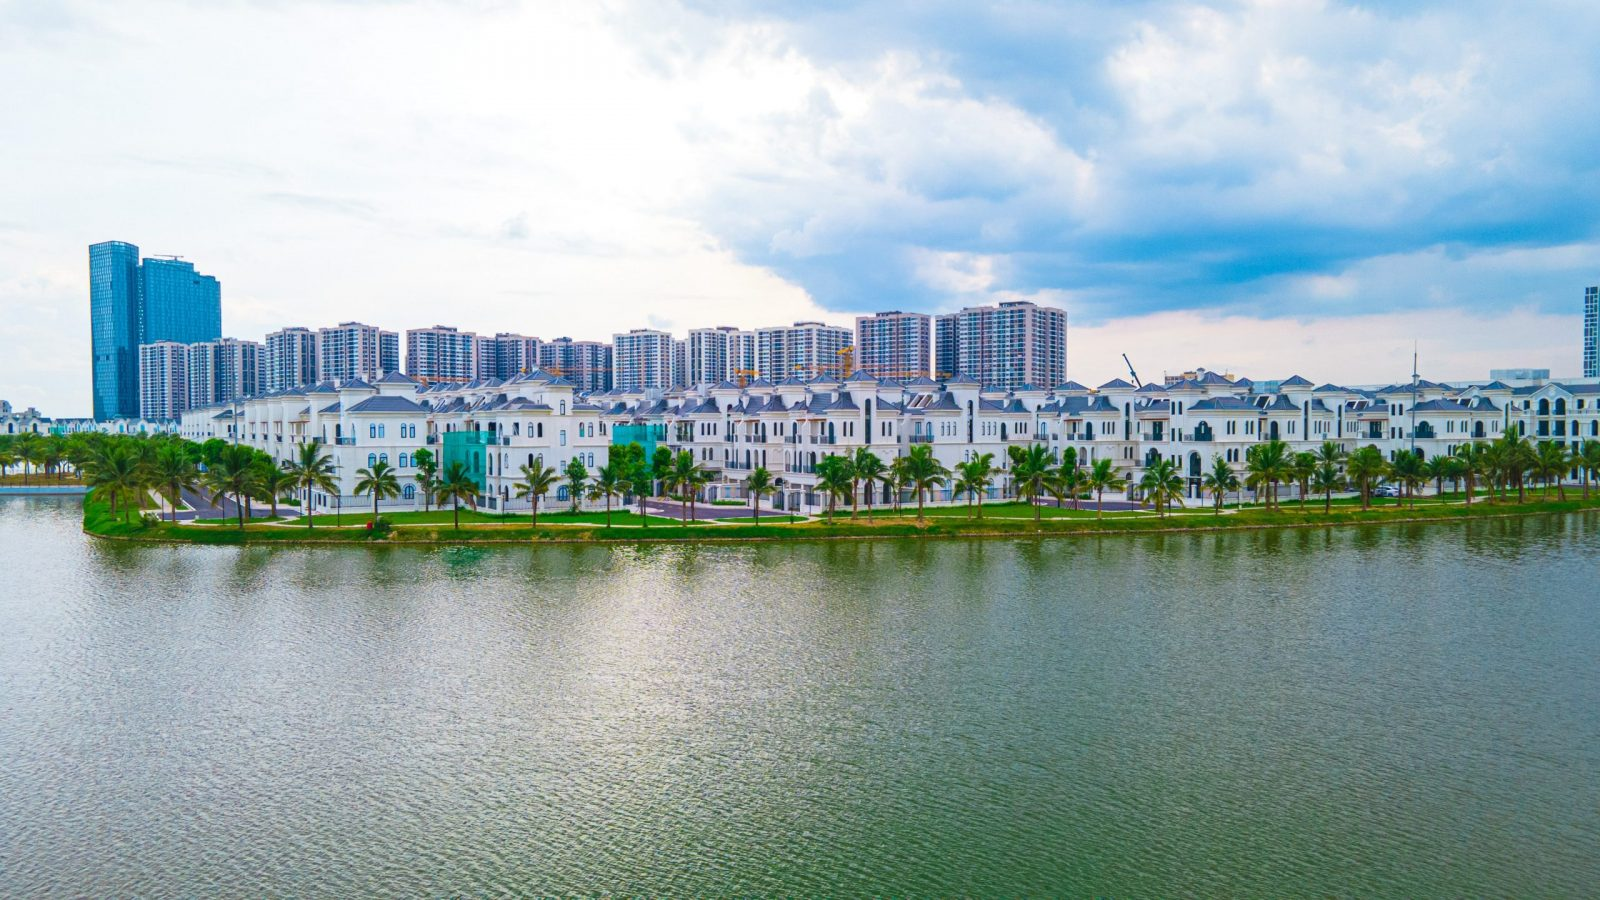 Dự án được chia làm 2 phân khu lớn bao gồm phân khu cao tầng và phân khu thấp tầng